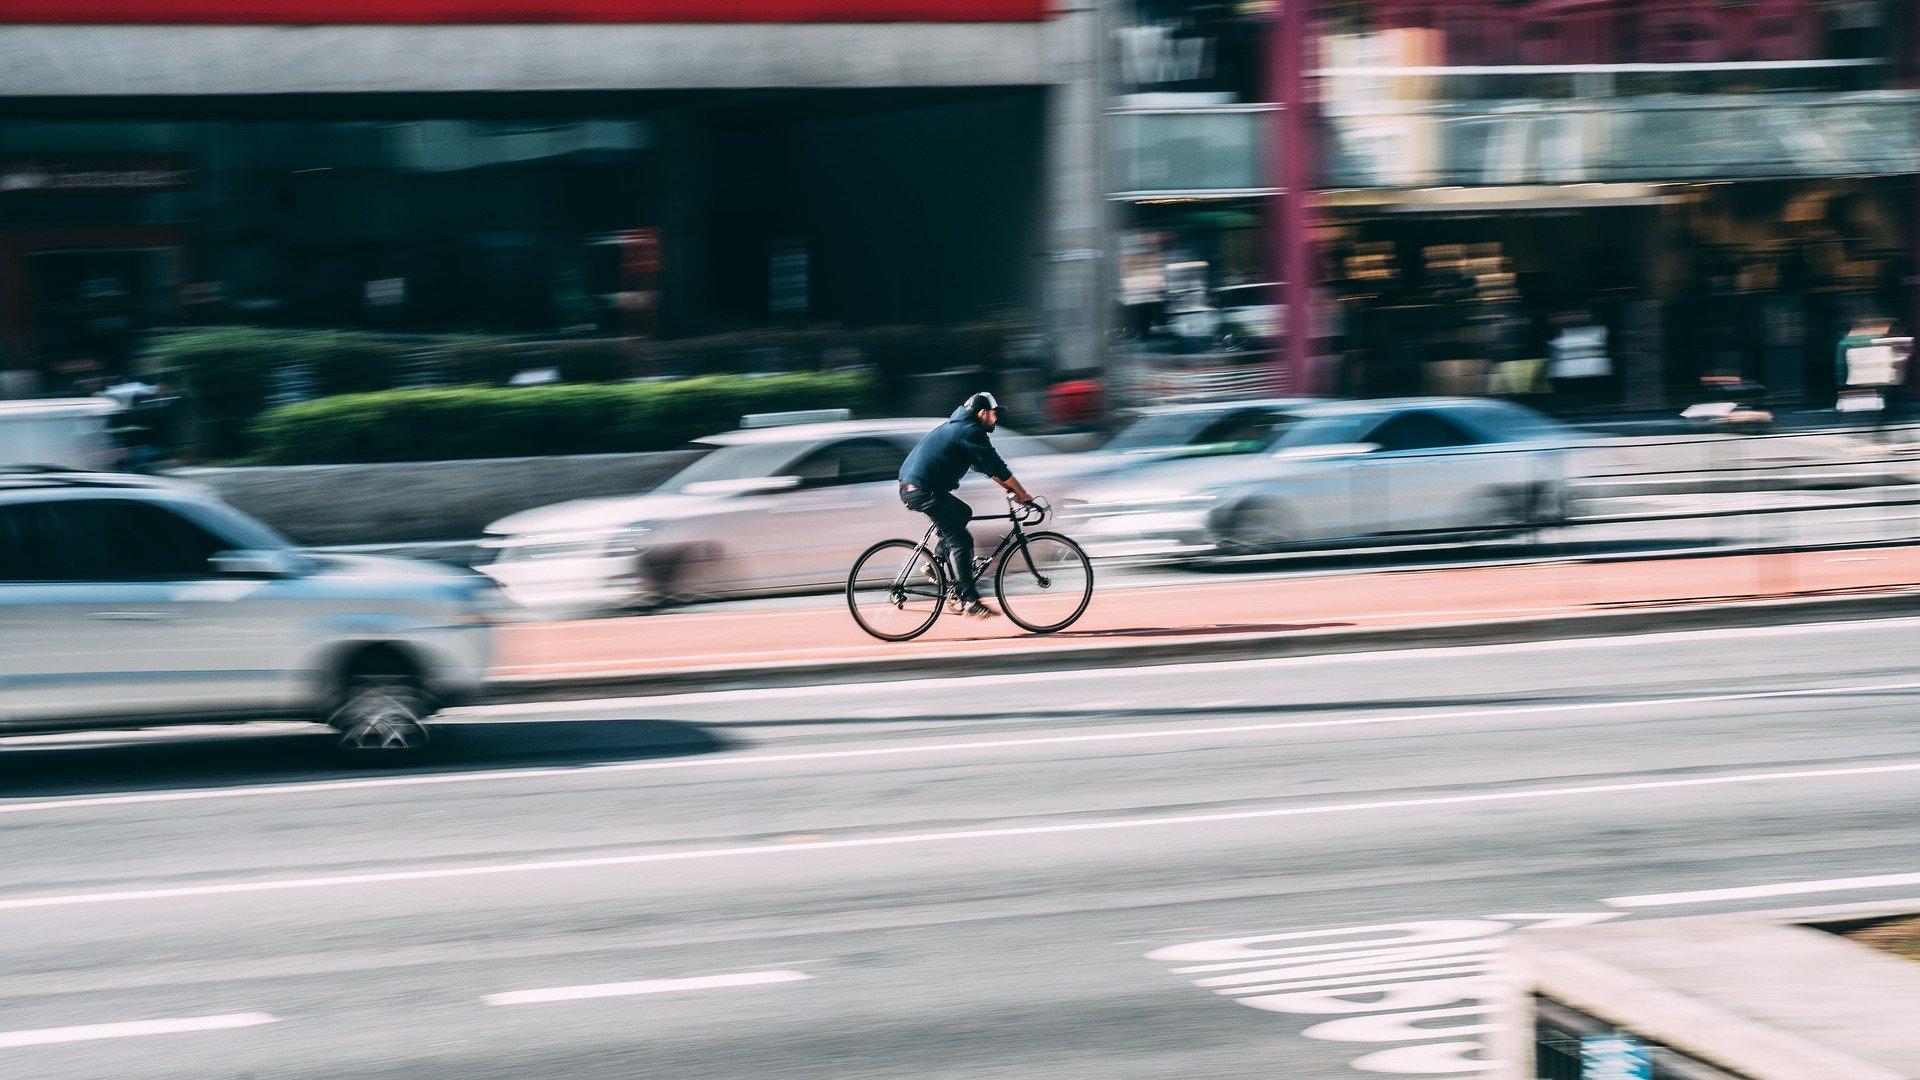 Reformas en materia de tráfico y circulación: ¿cuántos cambios te afectan?